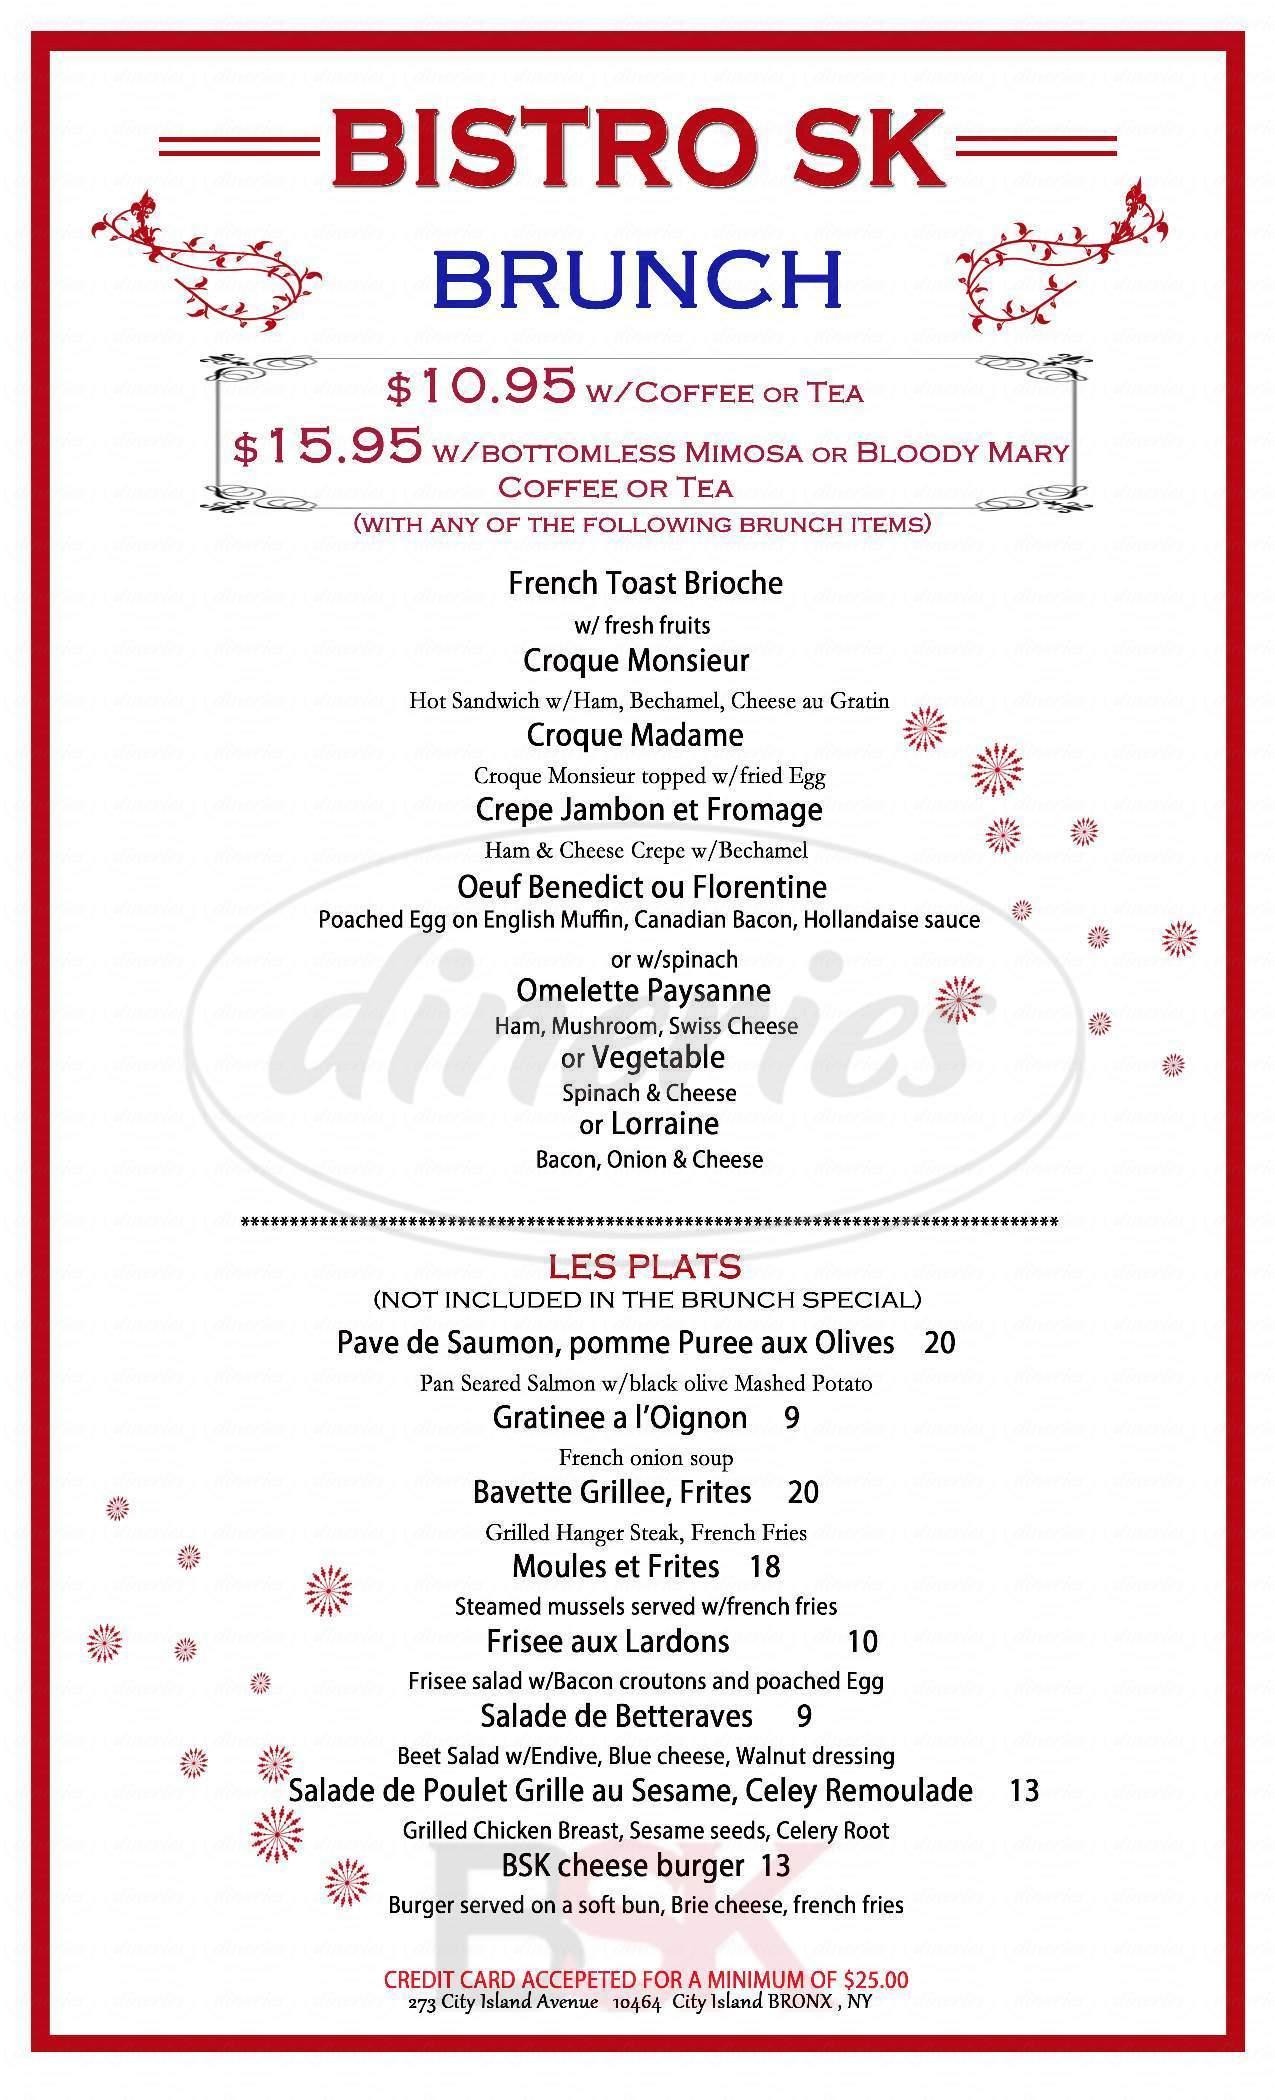 menu for Bistro SK